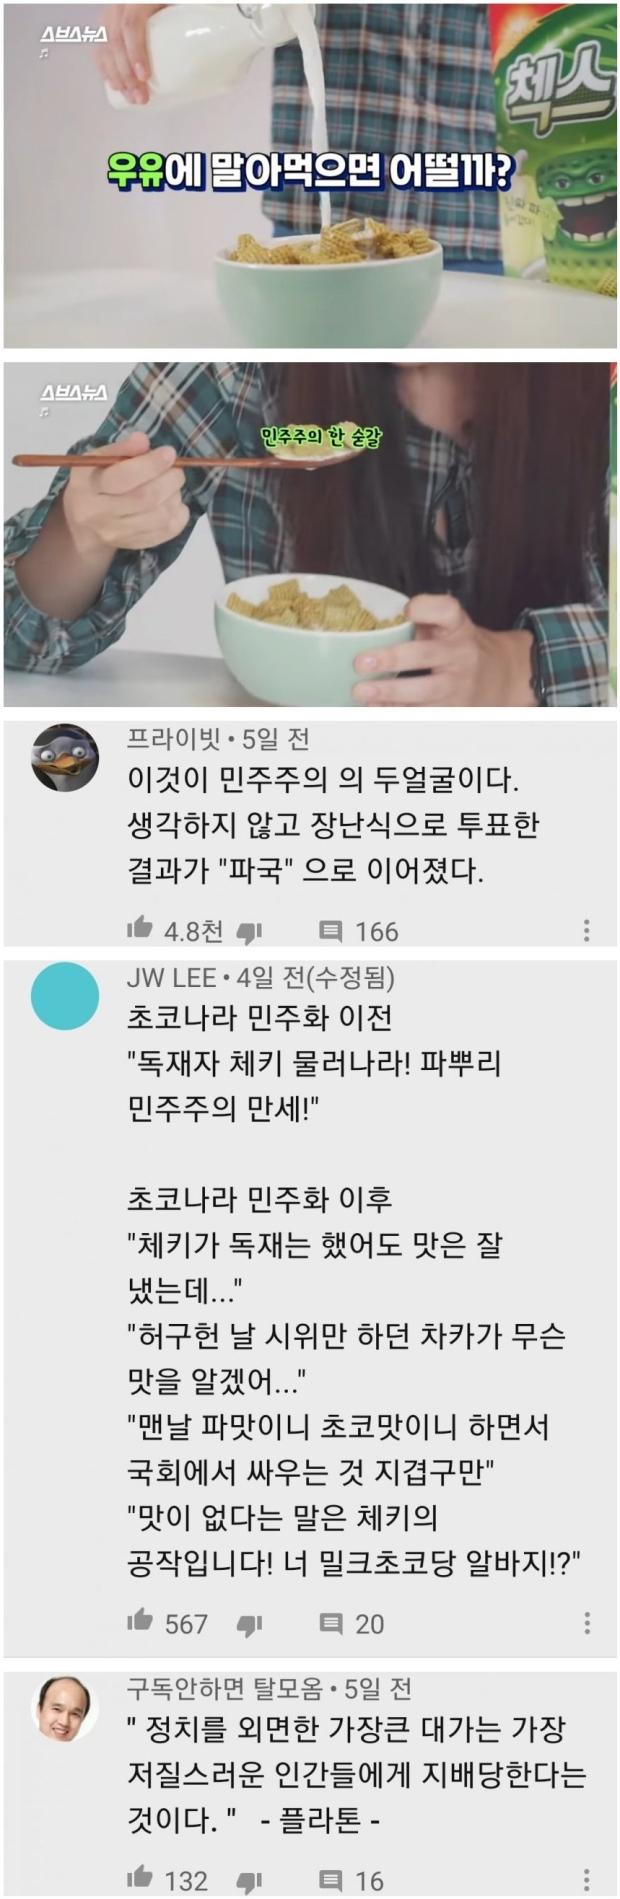 파맛 첵스로 진단한 한국의 현실